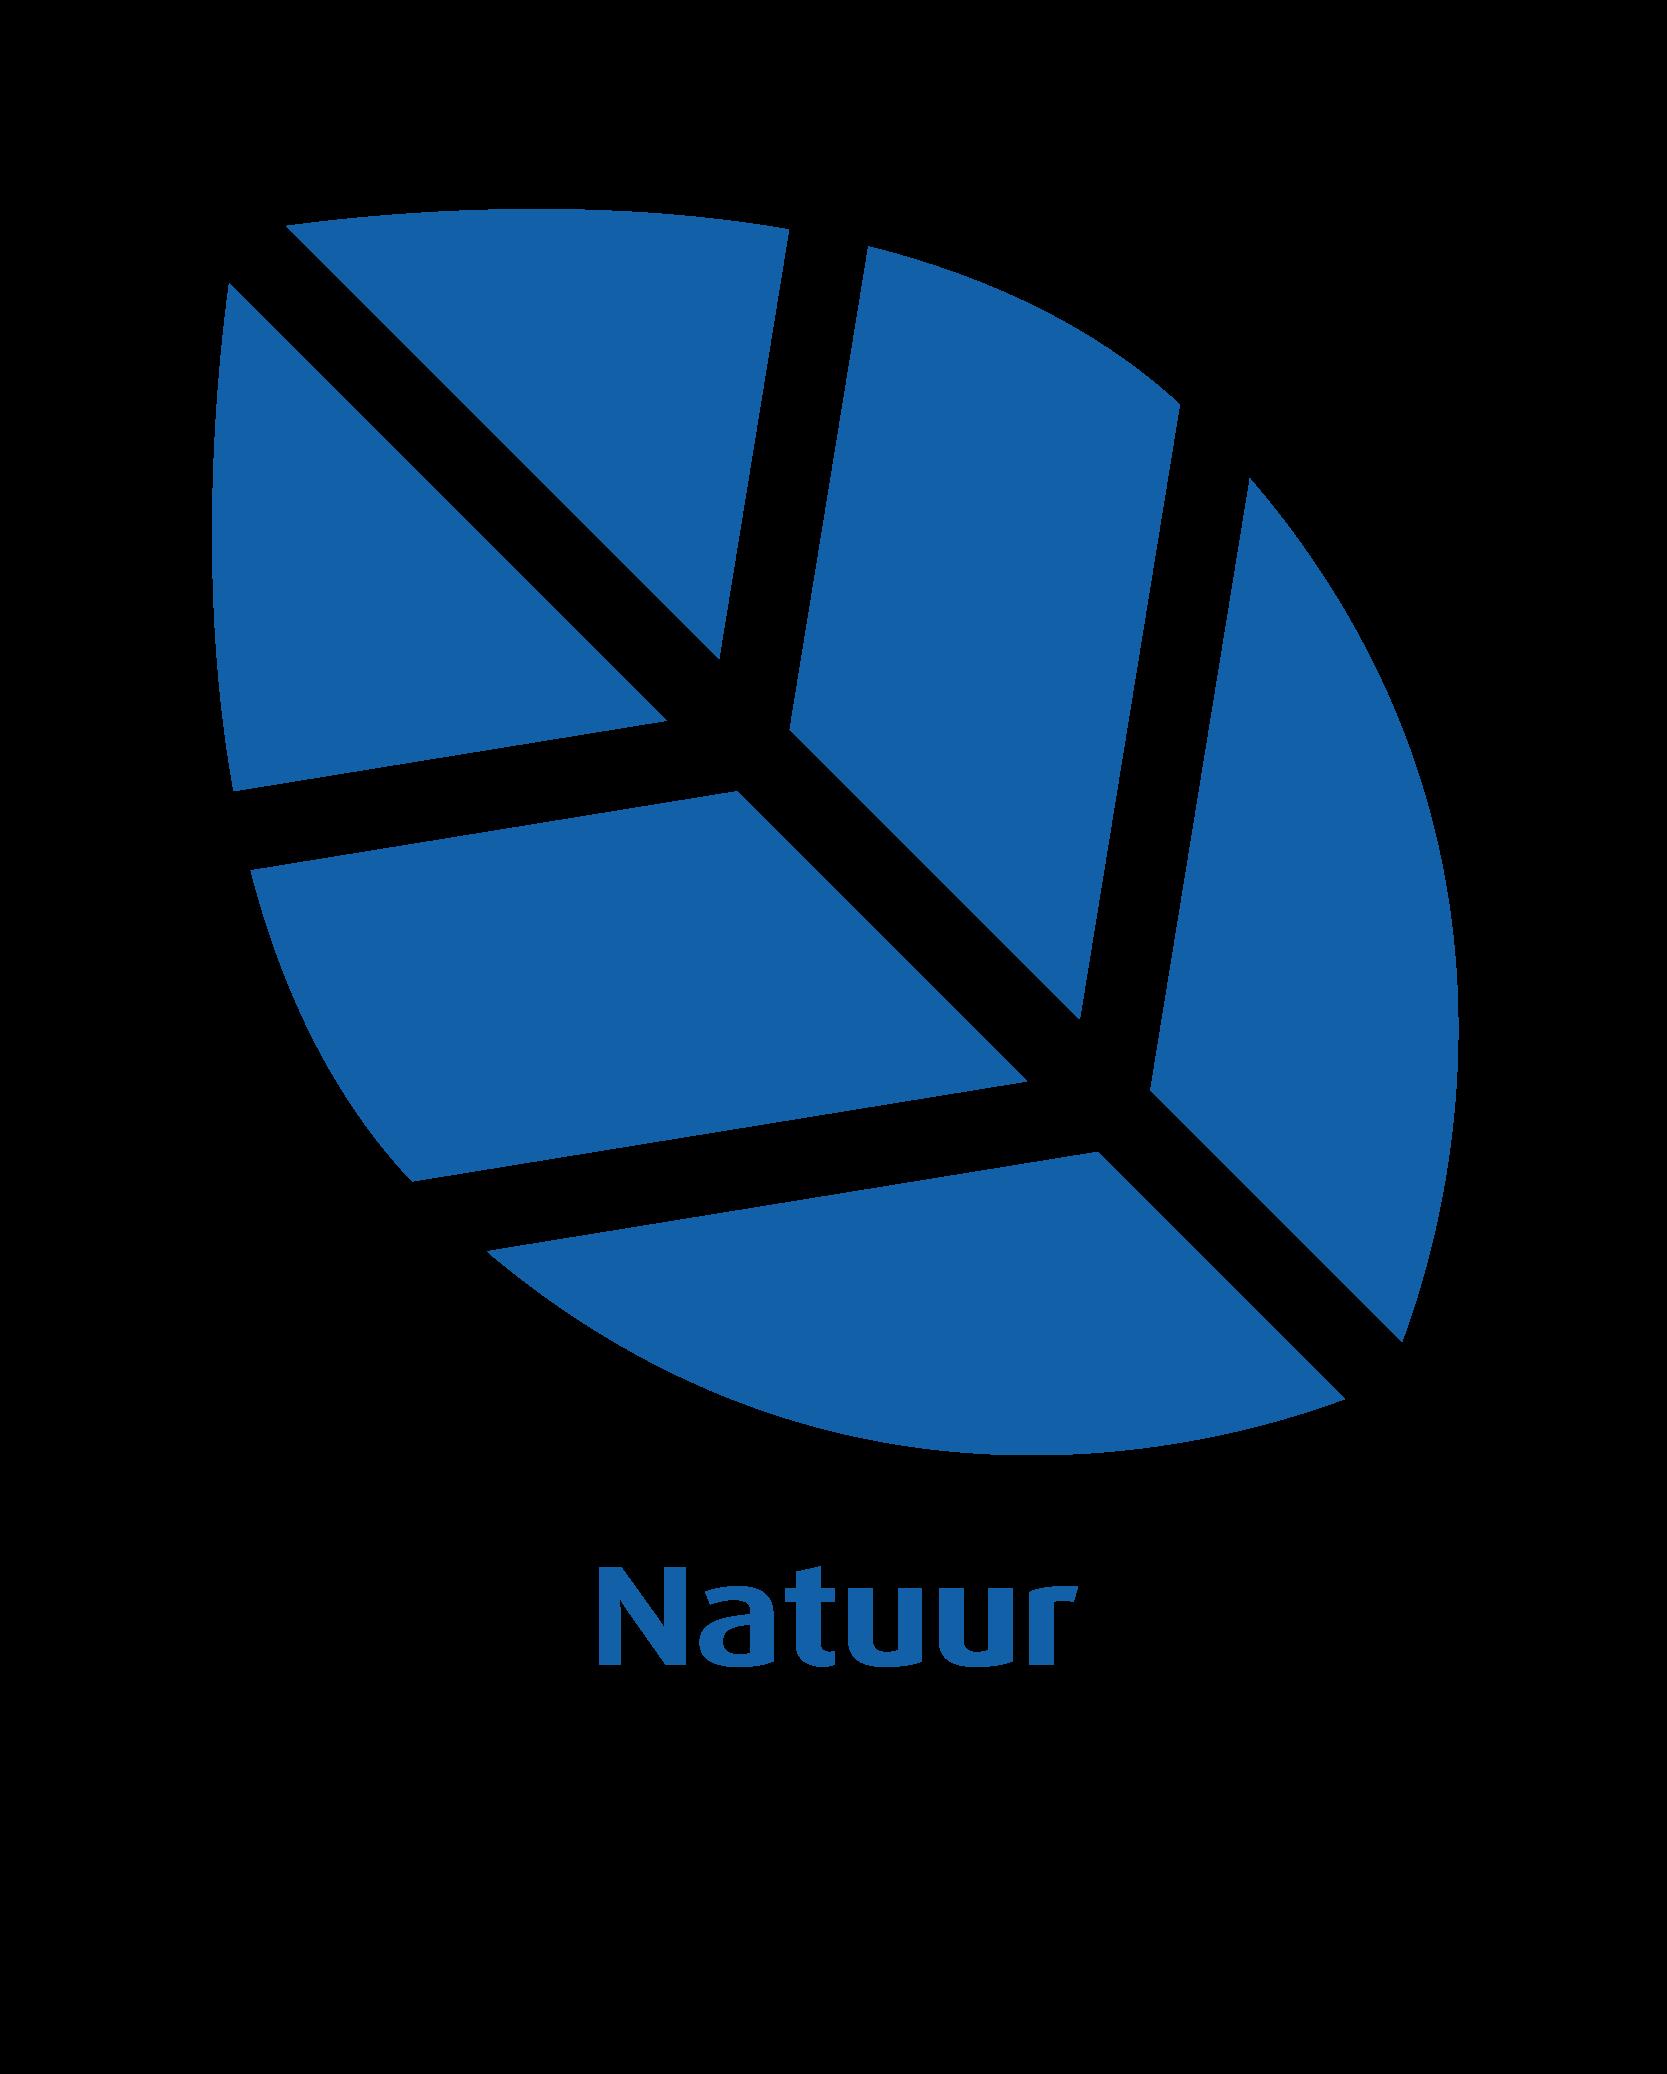 natuur blad